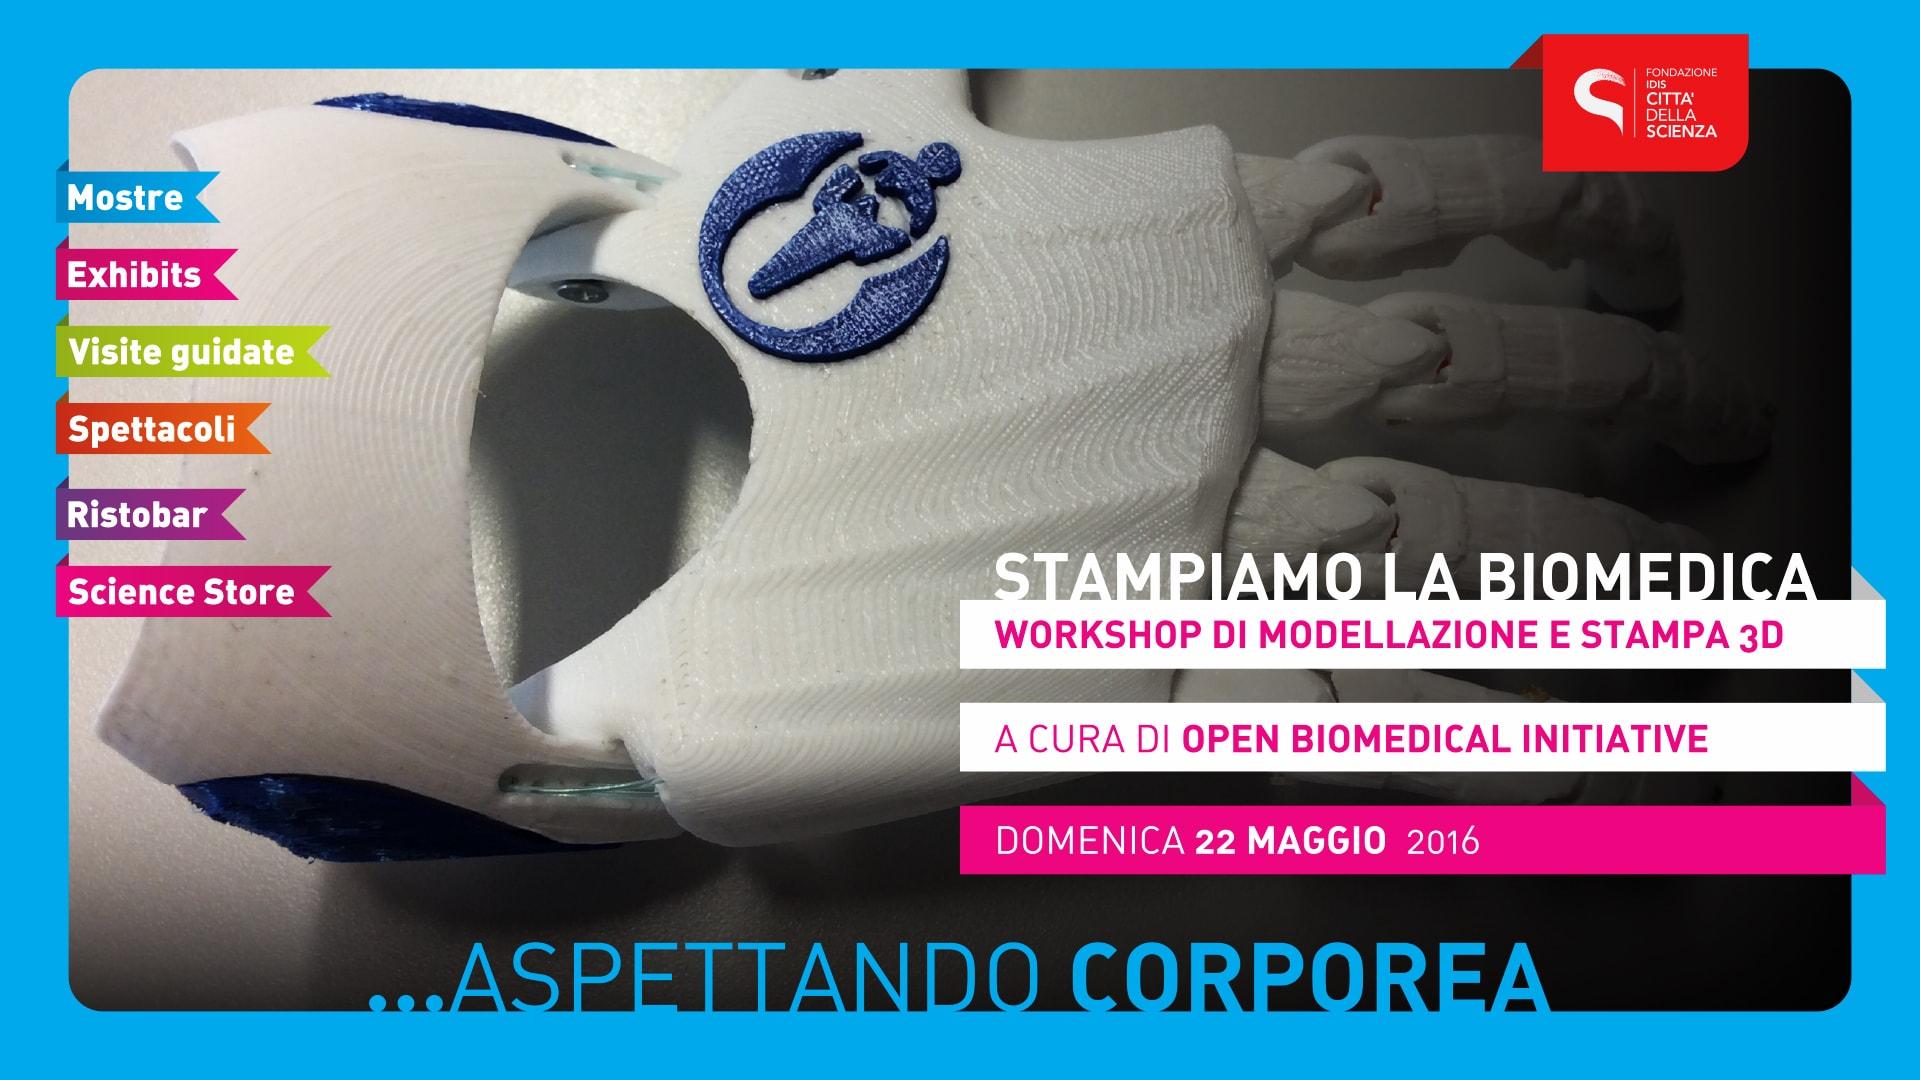 STAMPIAMO_LA_BIOMEDICA